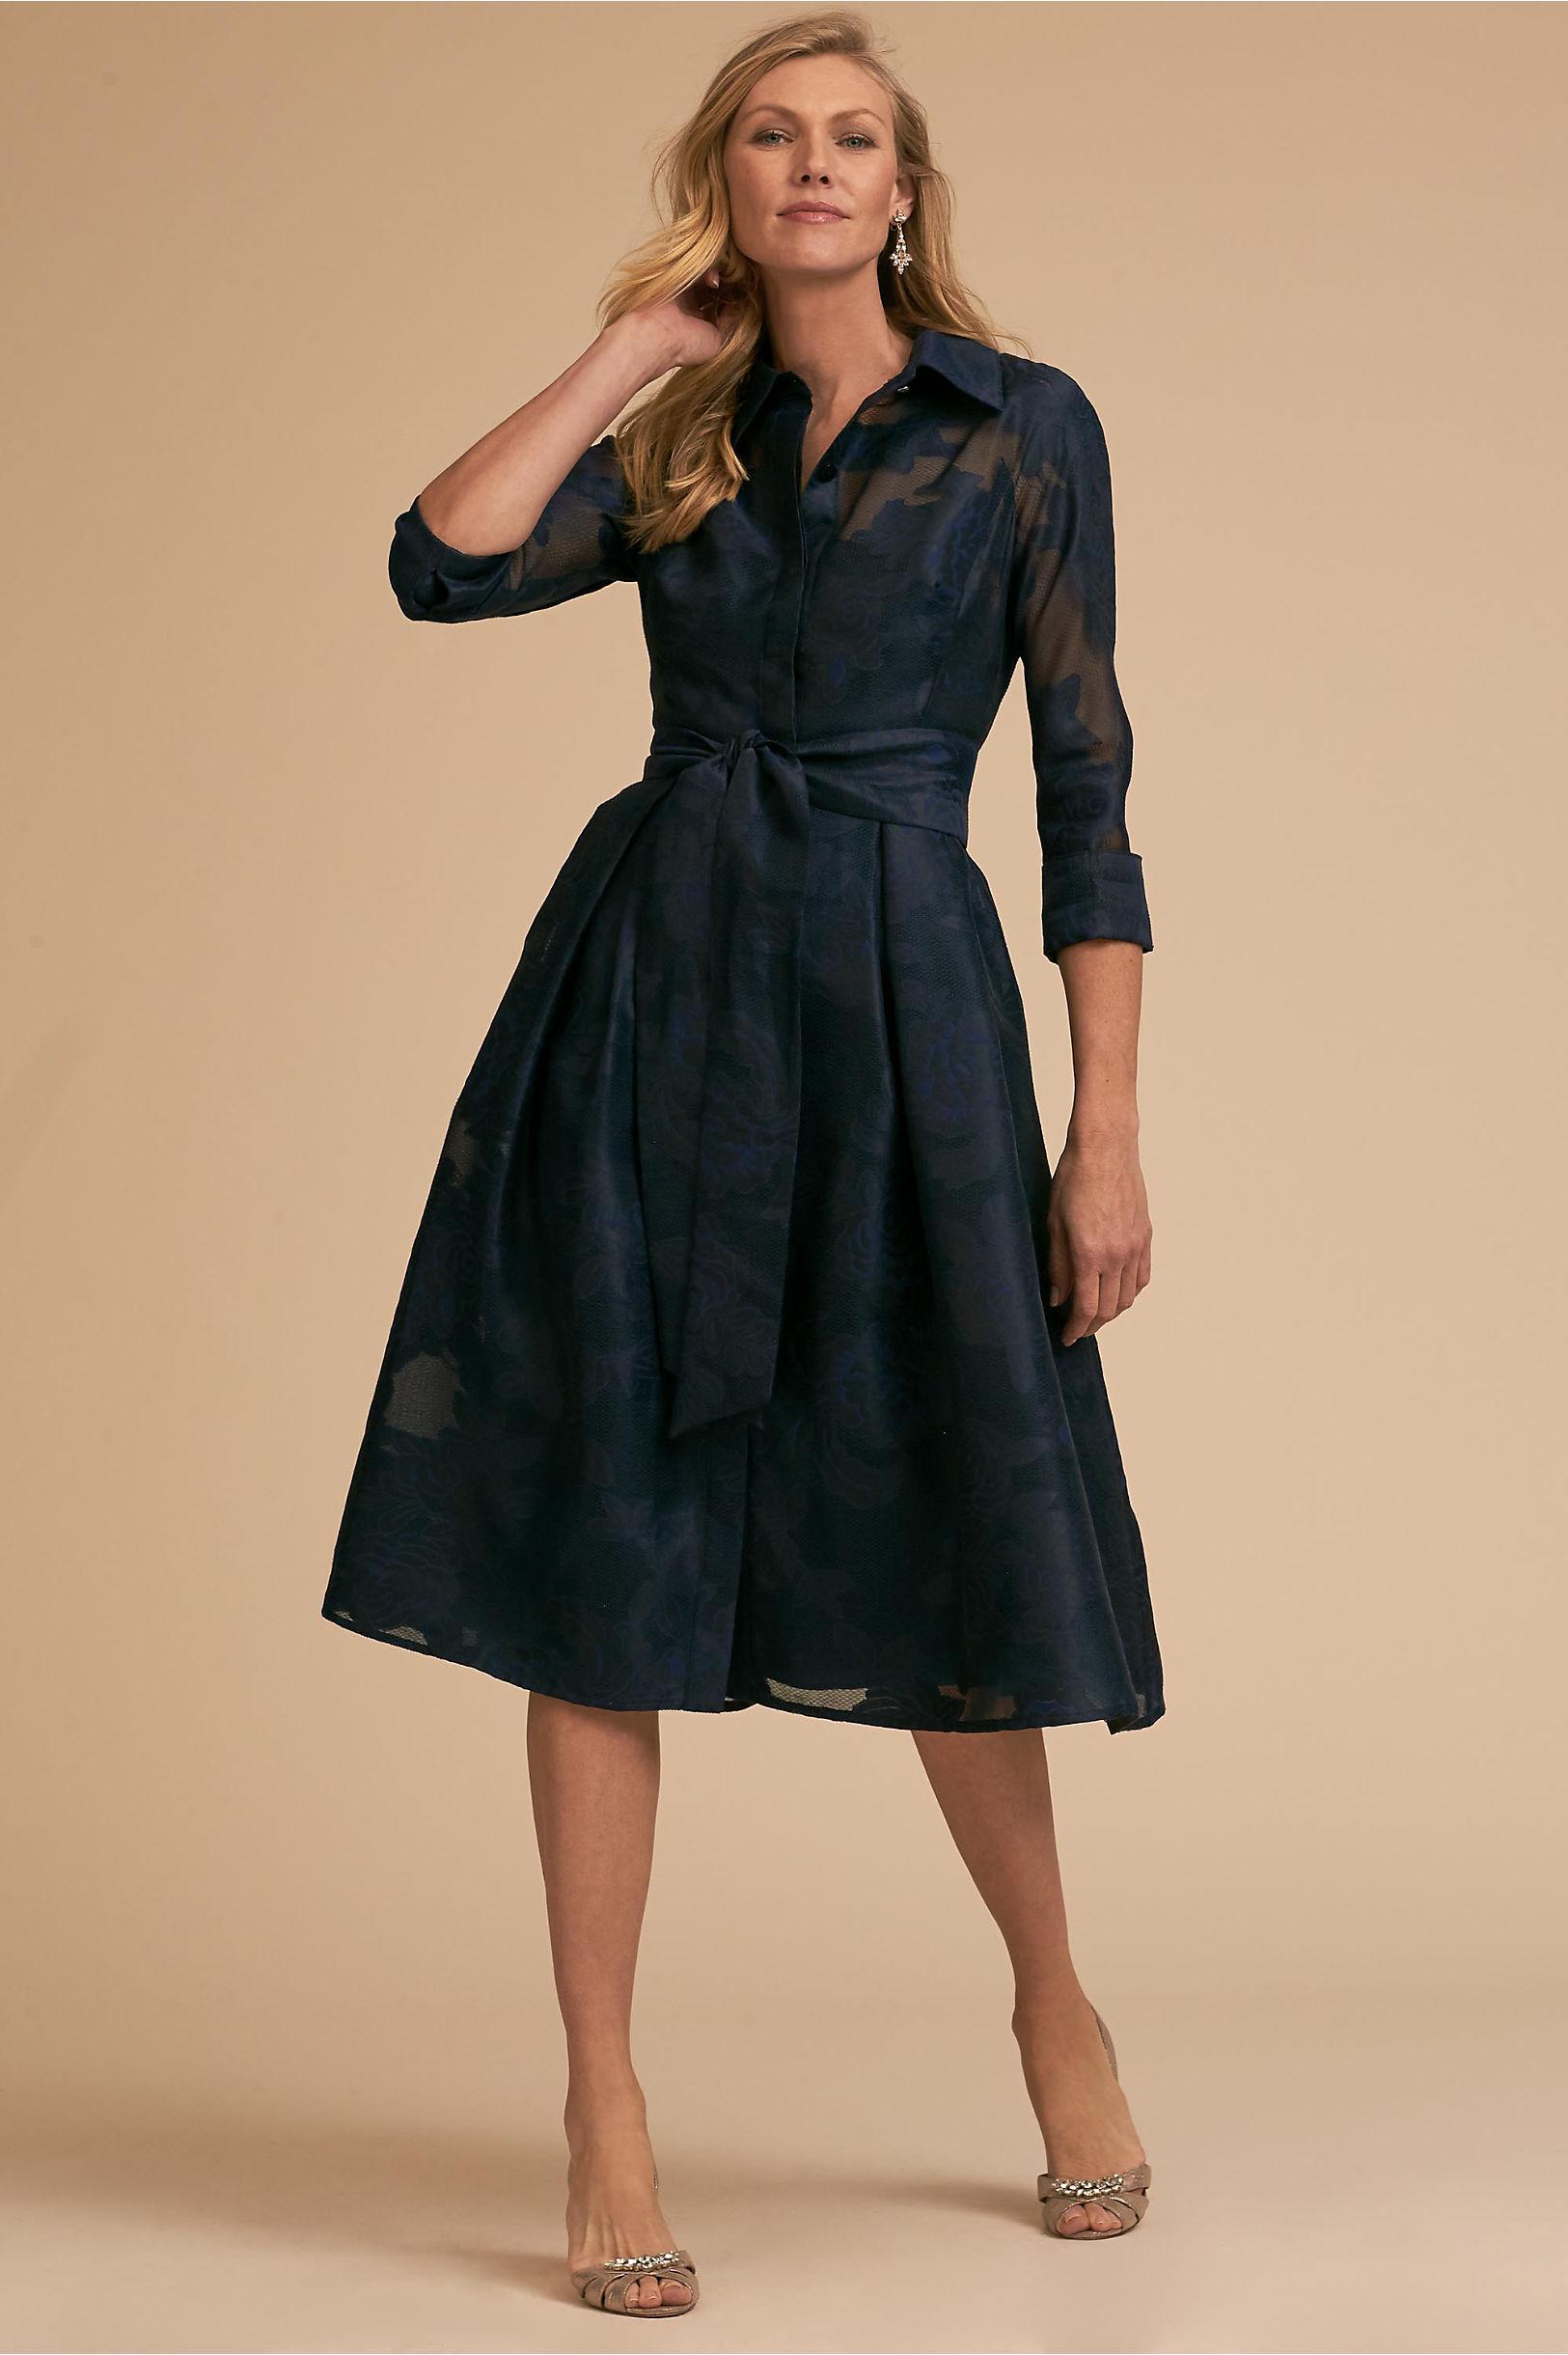 1950s Prom Dresses & Party Dresses Marta Dress $500.00 AT vintagedancer.com